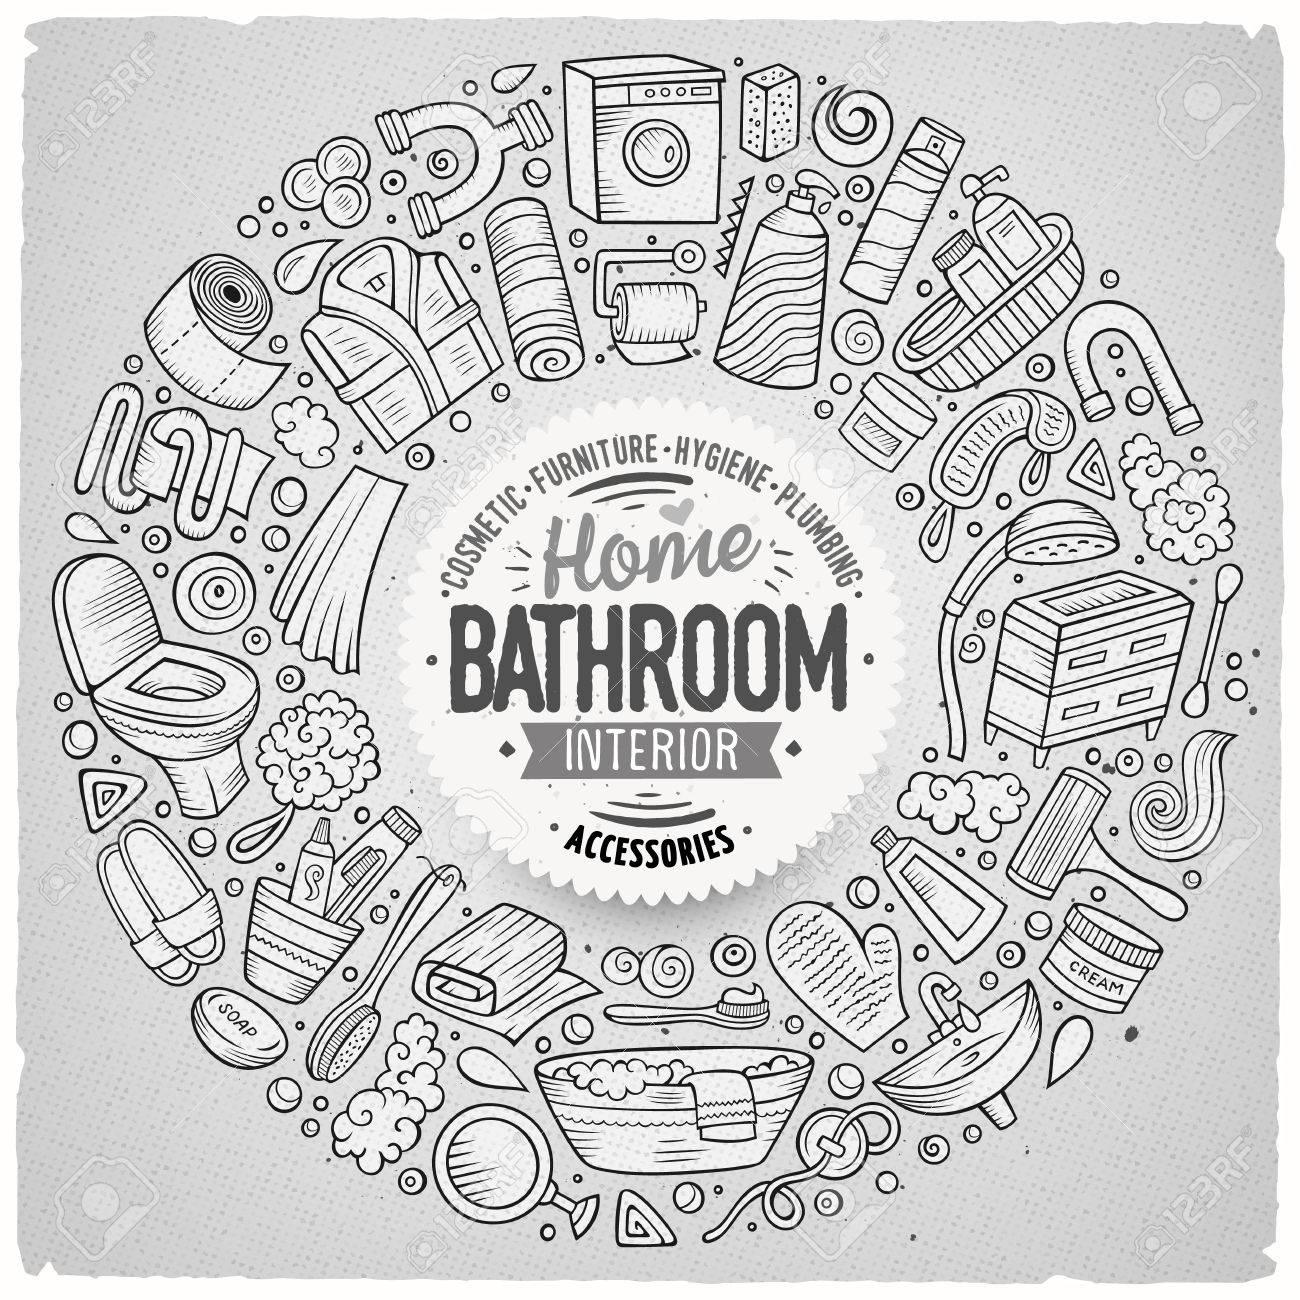 Dessin Salle De Bain ensemble vectoriel d'objets de doodle de dessin animé de salle de bain